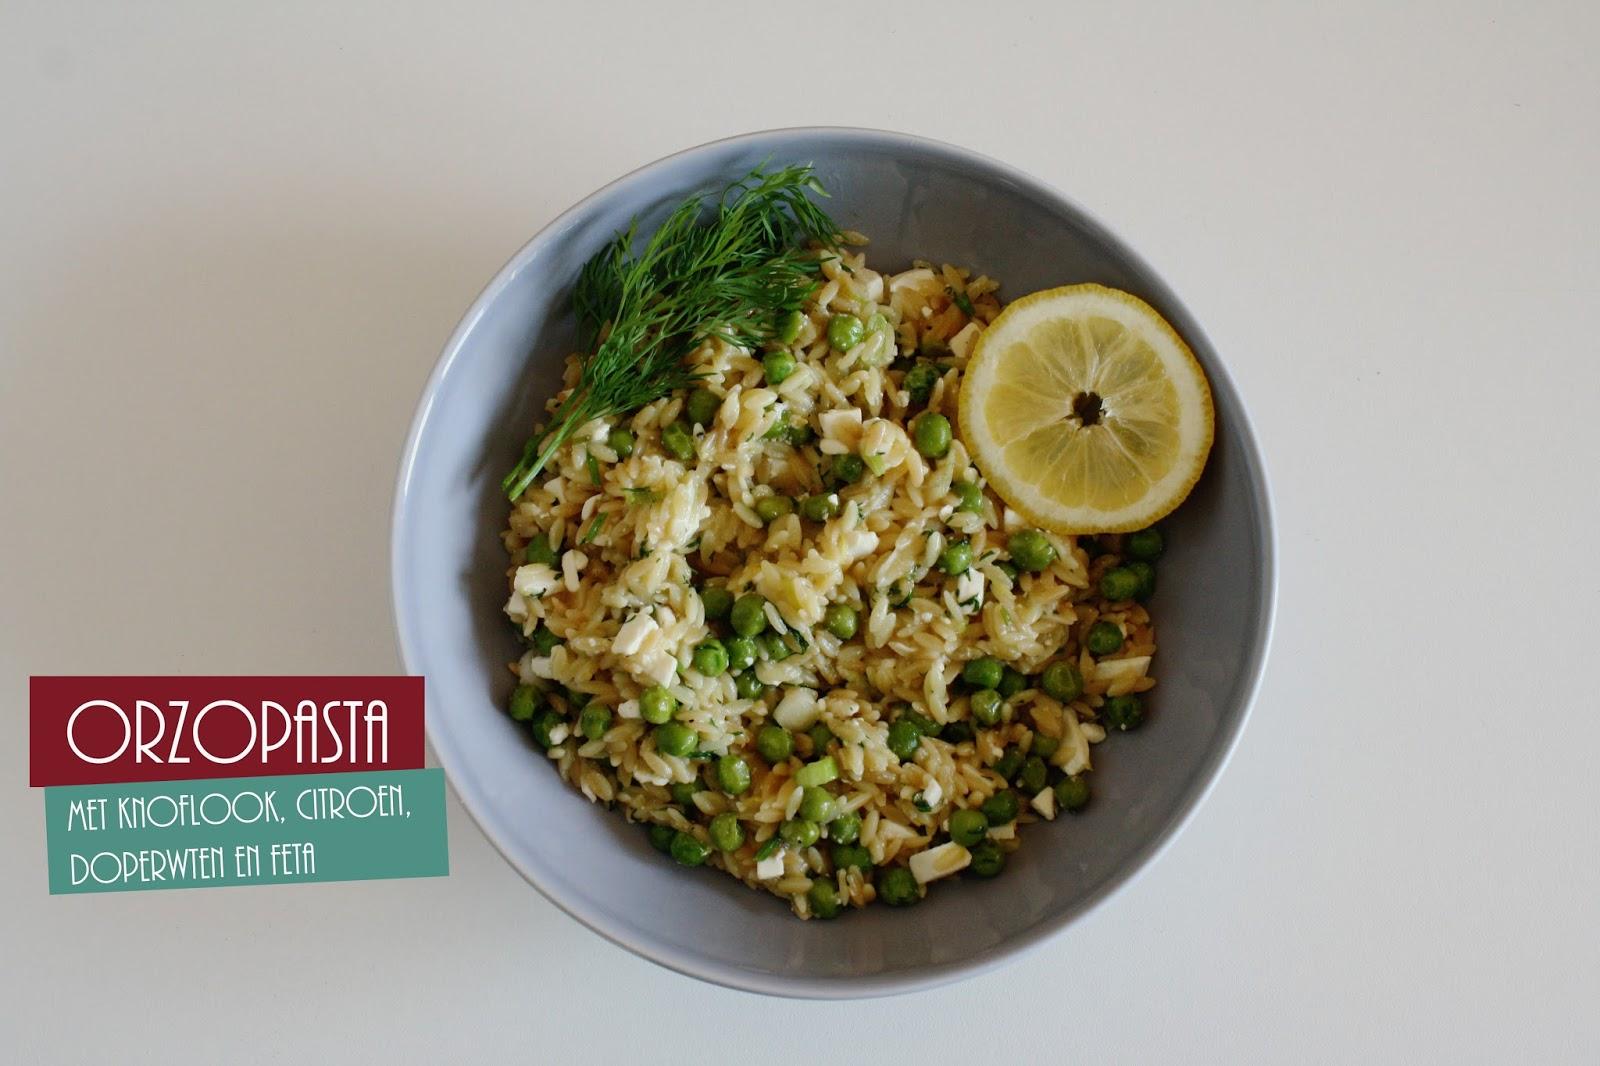 Food: Orzopasta met knoflook, citroen, doperwten en feta; thestoryhour.nl